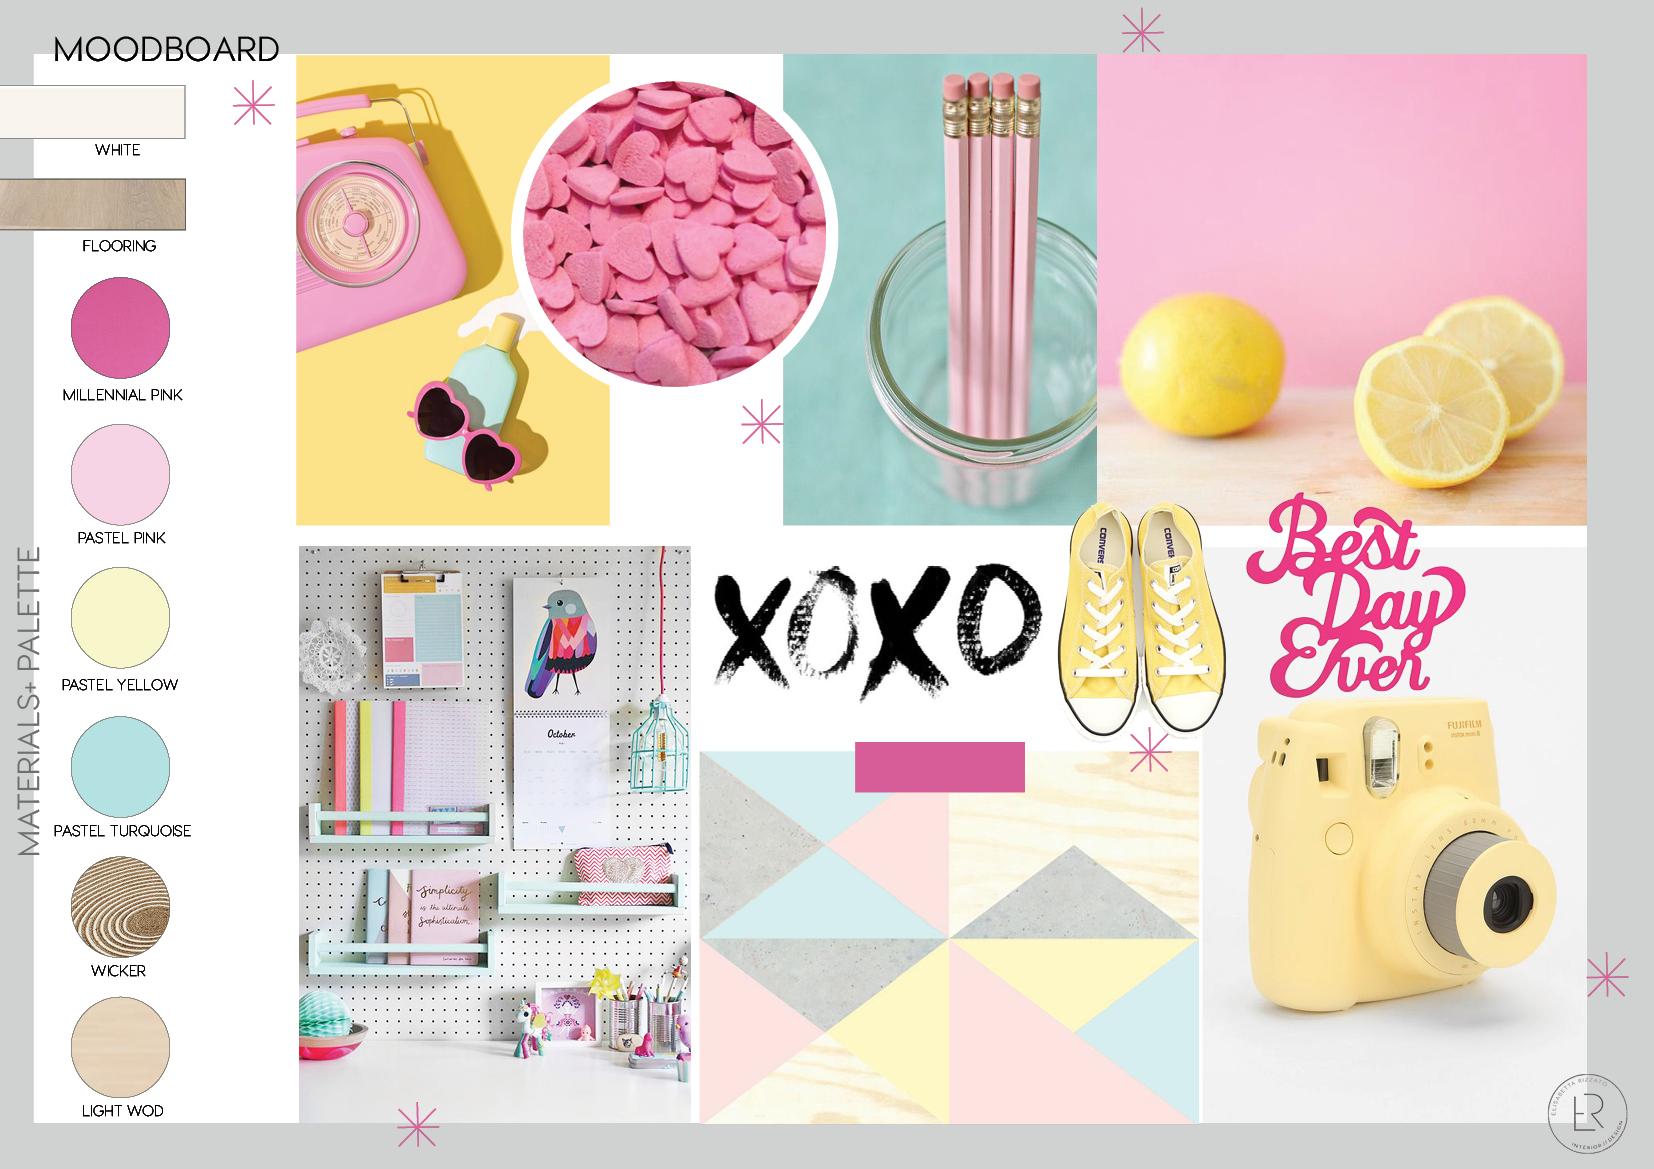 Girl Bedroom Color Decor, Girl Teen Bedroom Ideas, Color Block Paint,  Millennial Pink